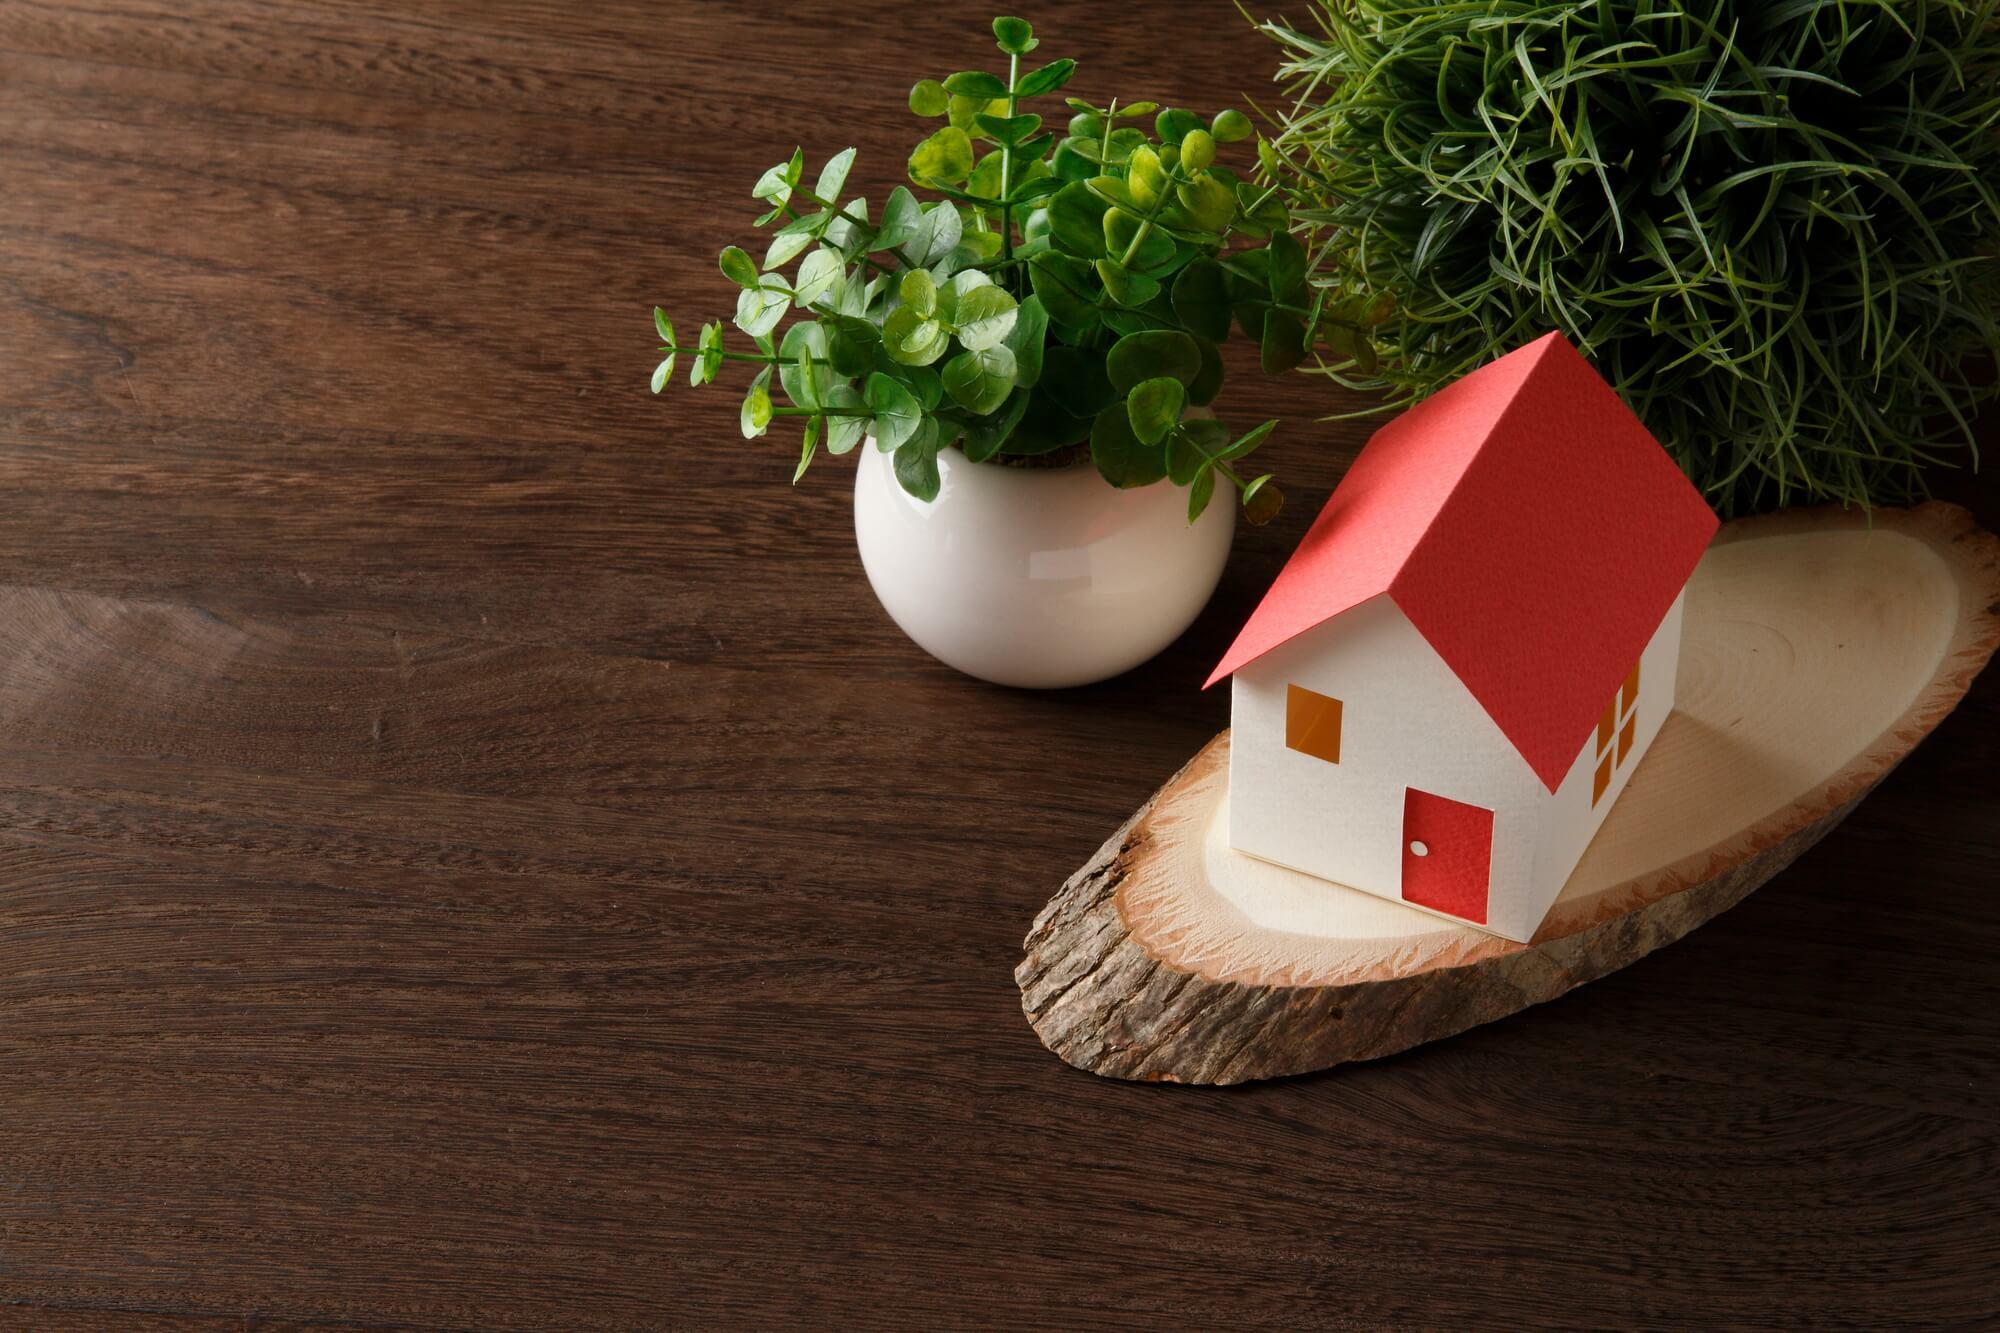 賃貸経営ですぐに実践できる空室対策に有効なアイデア7選